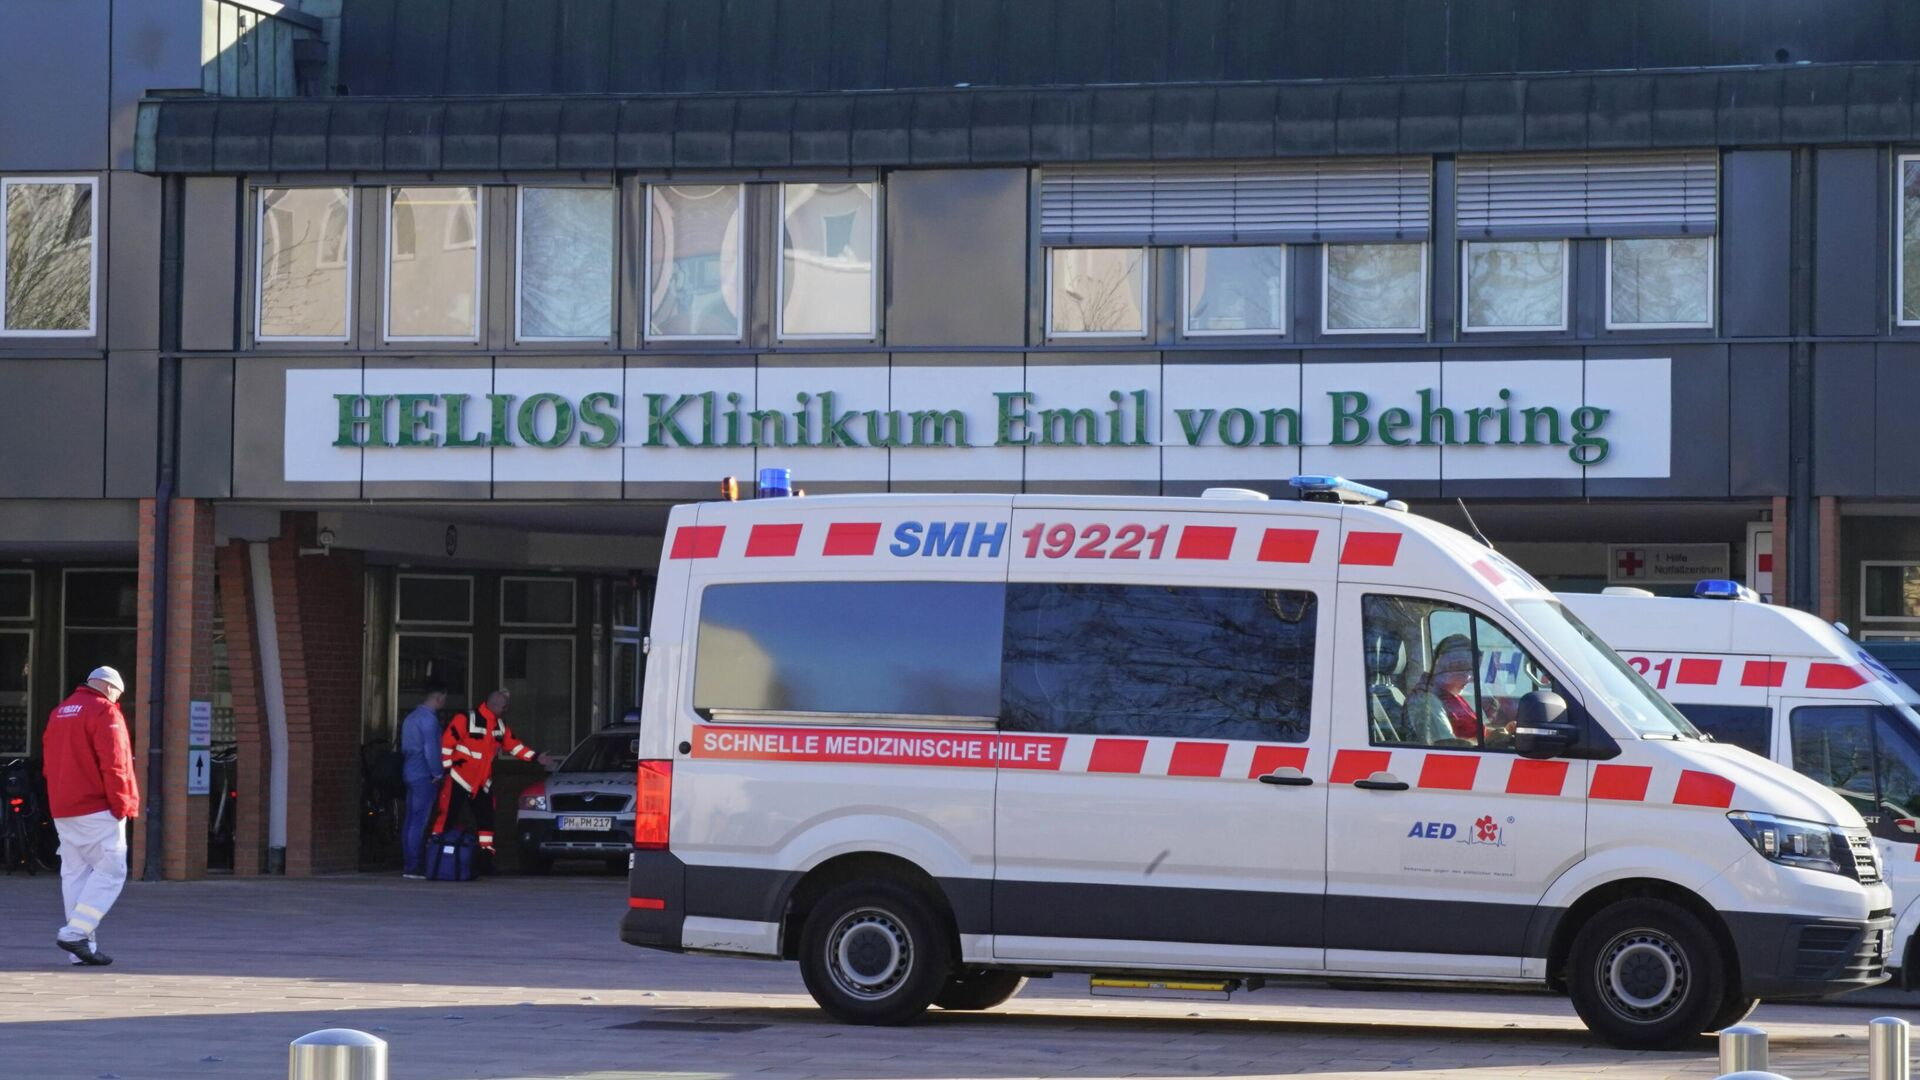 Машины скорой помощи у больницы Хелиос-клиник Эмиль фон Беринг в Берлине - РИА Новости, 1920, 28.10.2020